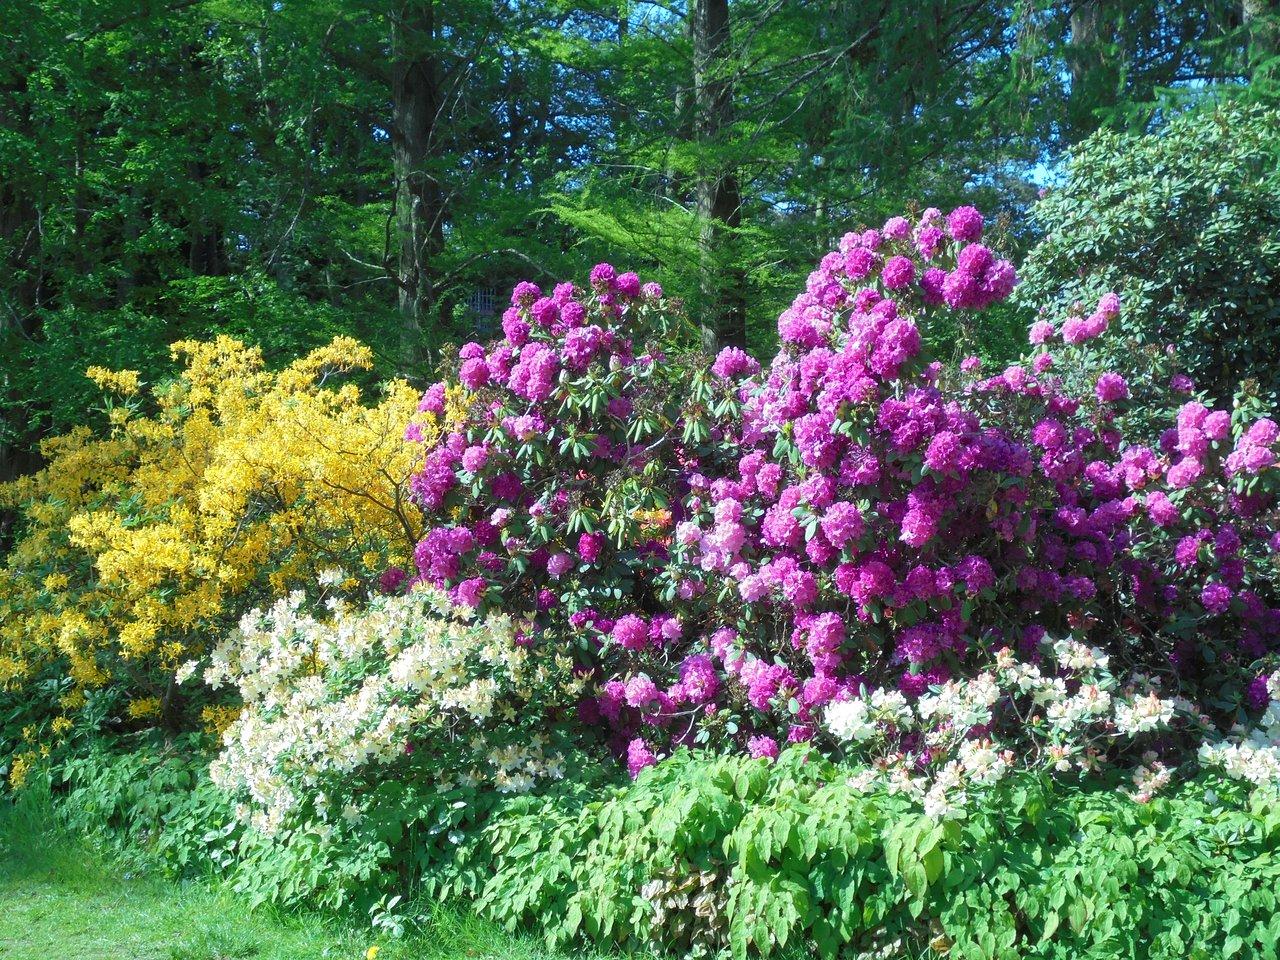 Botanischer Garten Rostock Best Of Botanischer Garten Rostock Nemačka Komentari